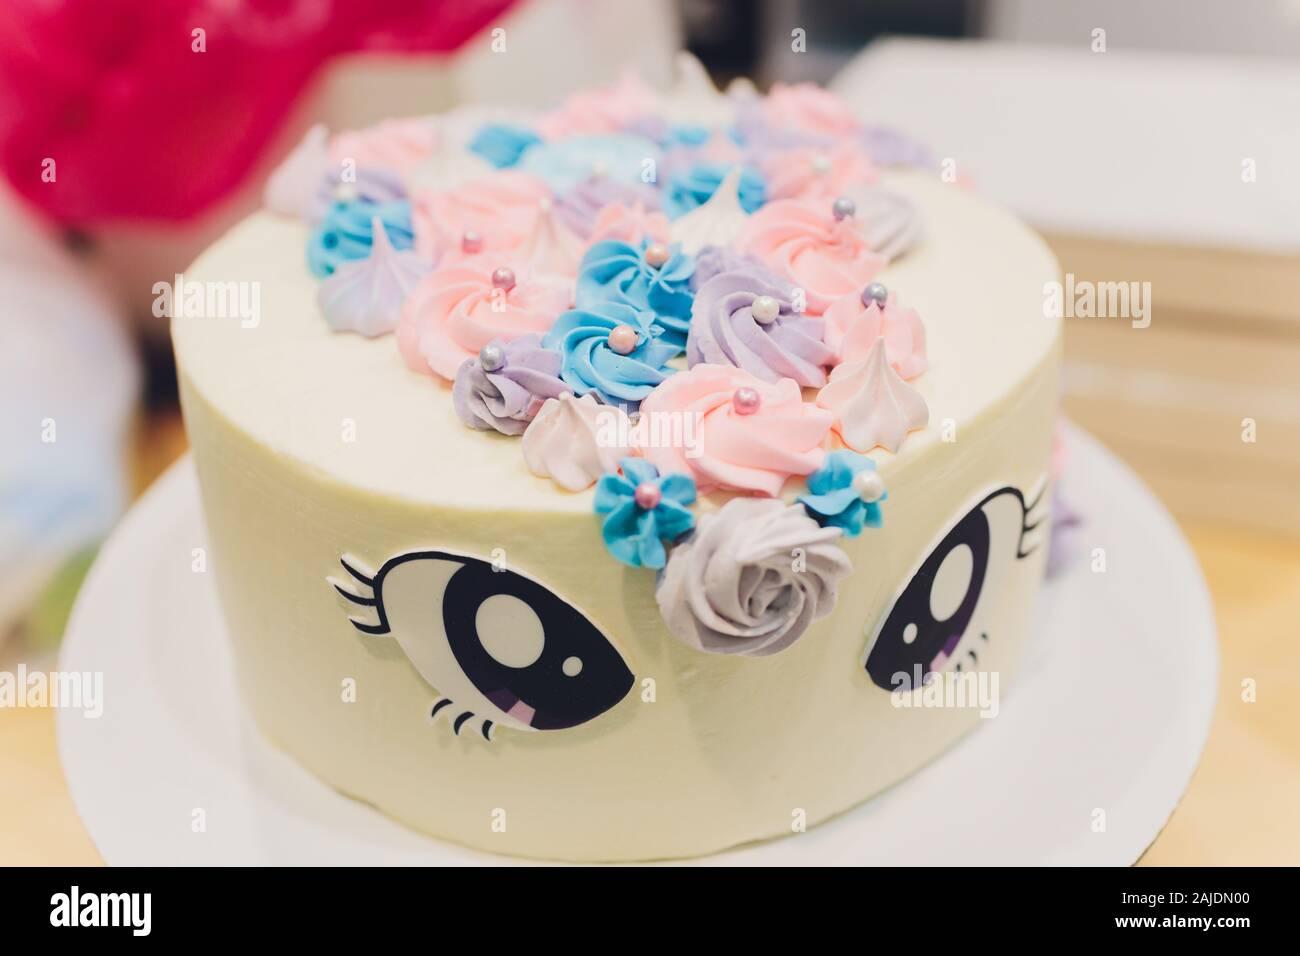 Surprising Unicorn Rainbow Cake Stock Photos Unicorn Rainbow Cake Stock Funny Birthday Cards Online Alyptdamsfinfo